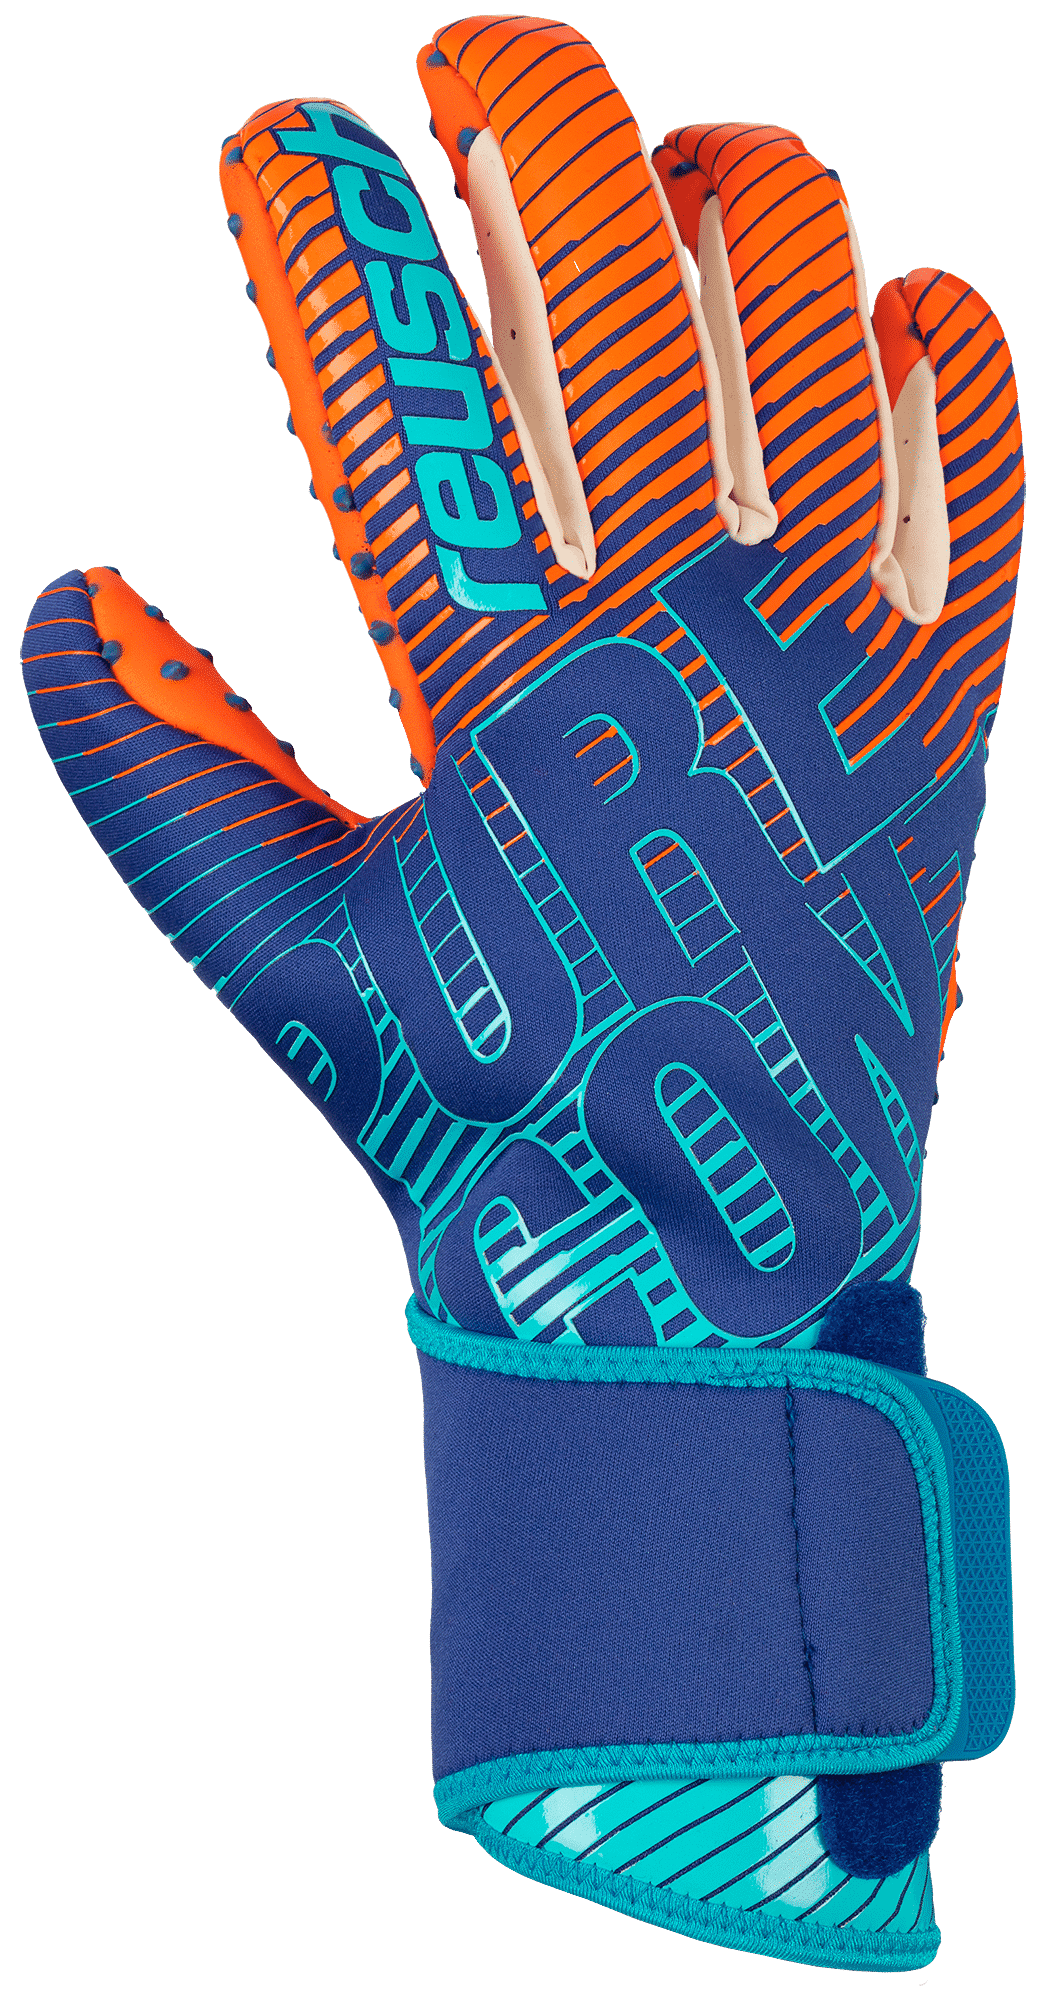 gants-reusch-G3-speedbump-v2-footpack-6